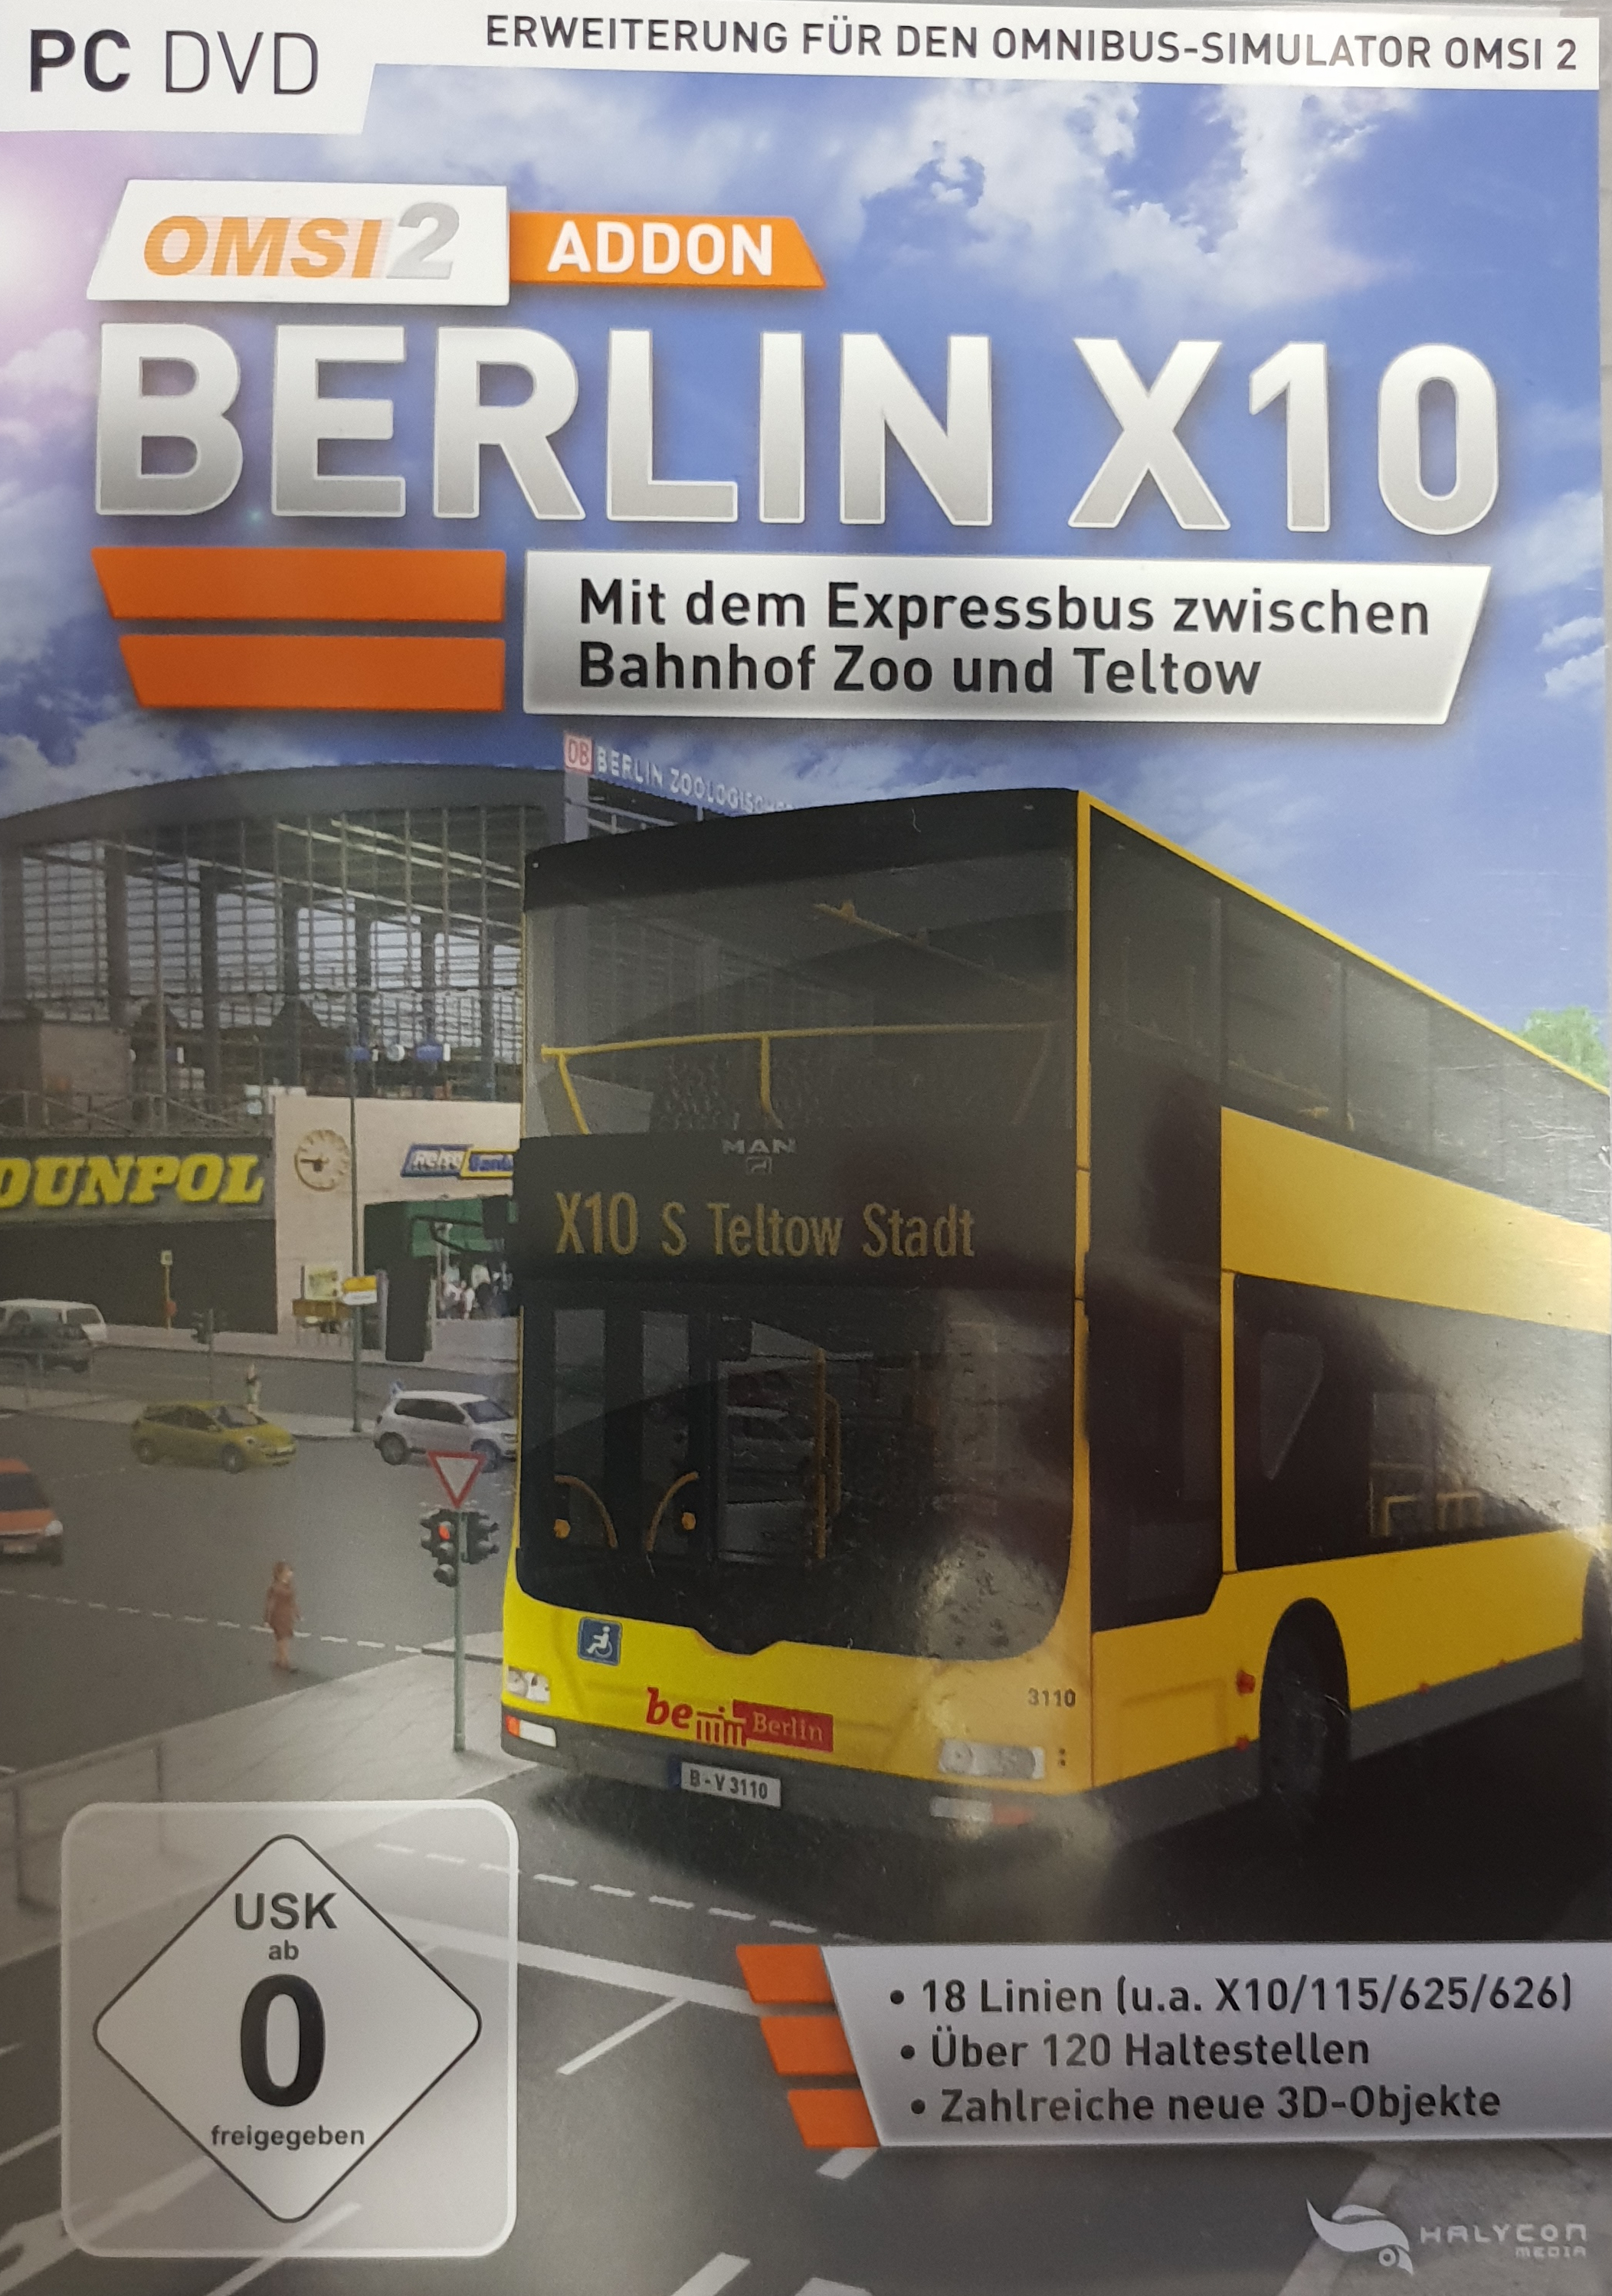 TGDB - Browse - Game - Berlin X10 (Omsi 2 Add-On)